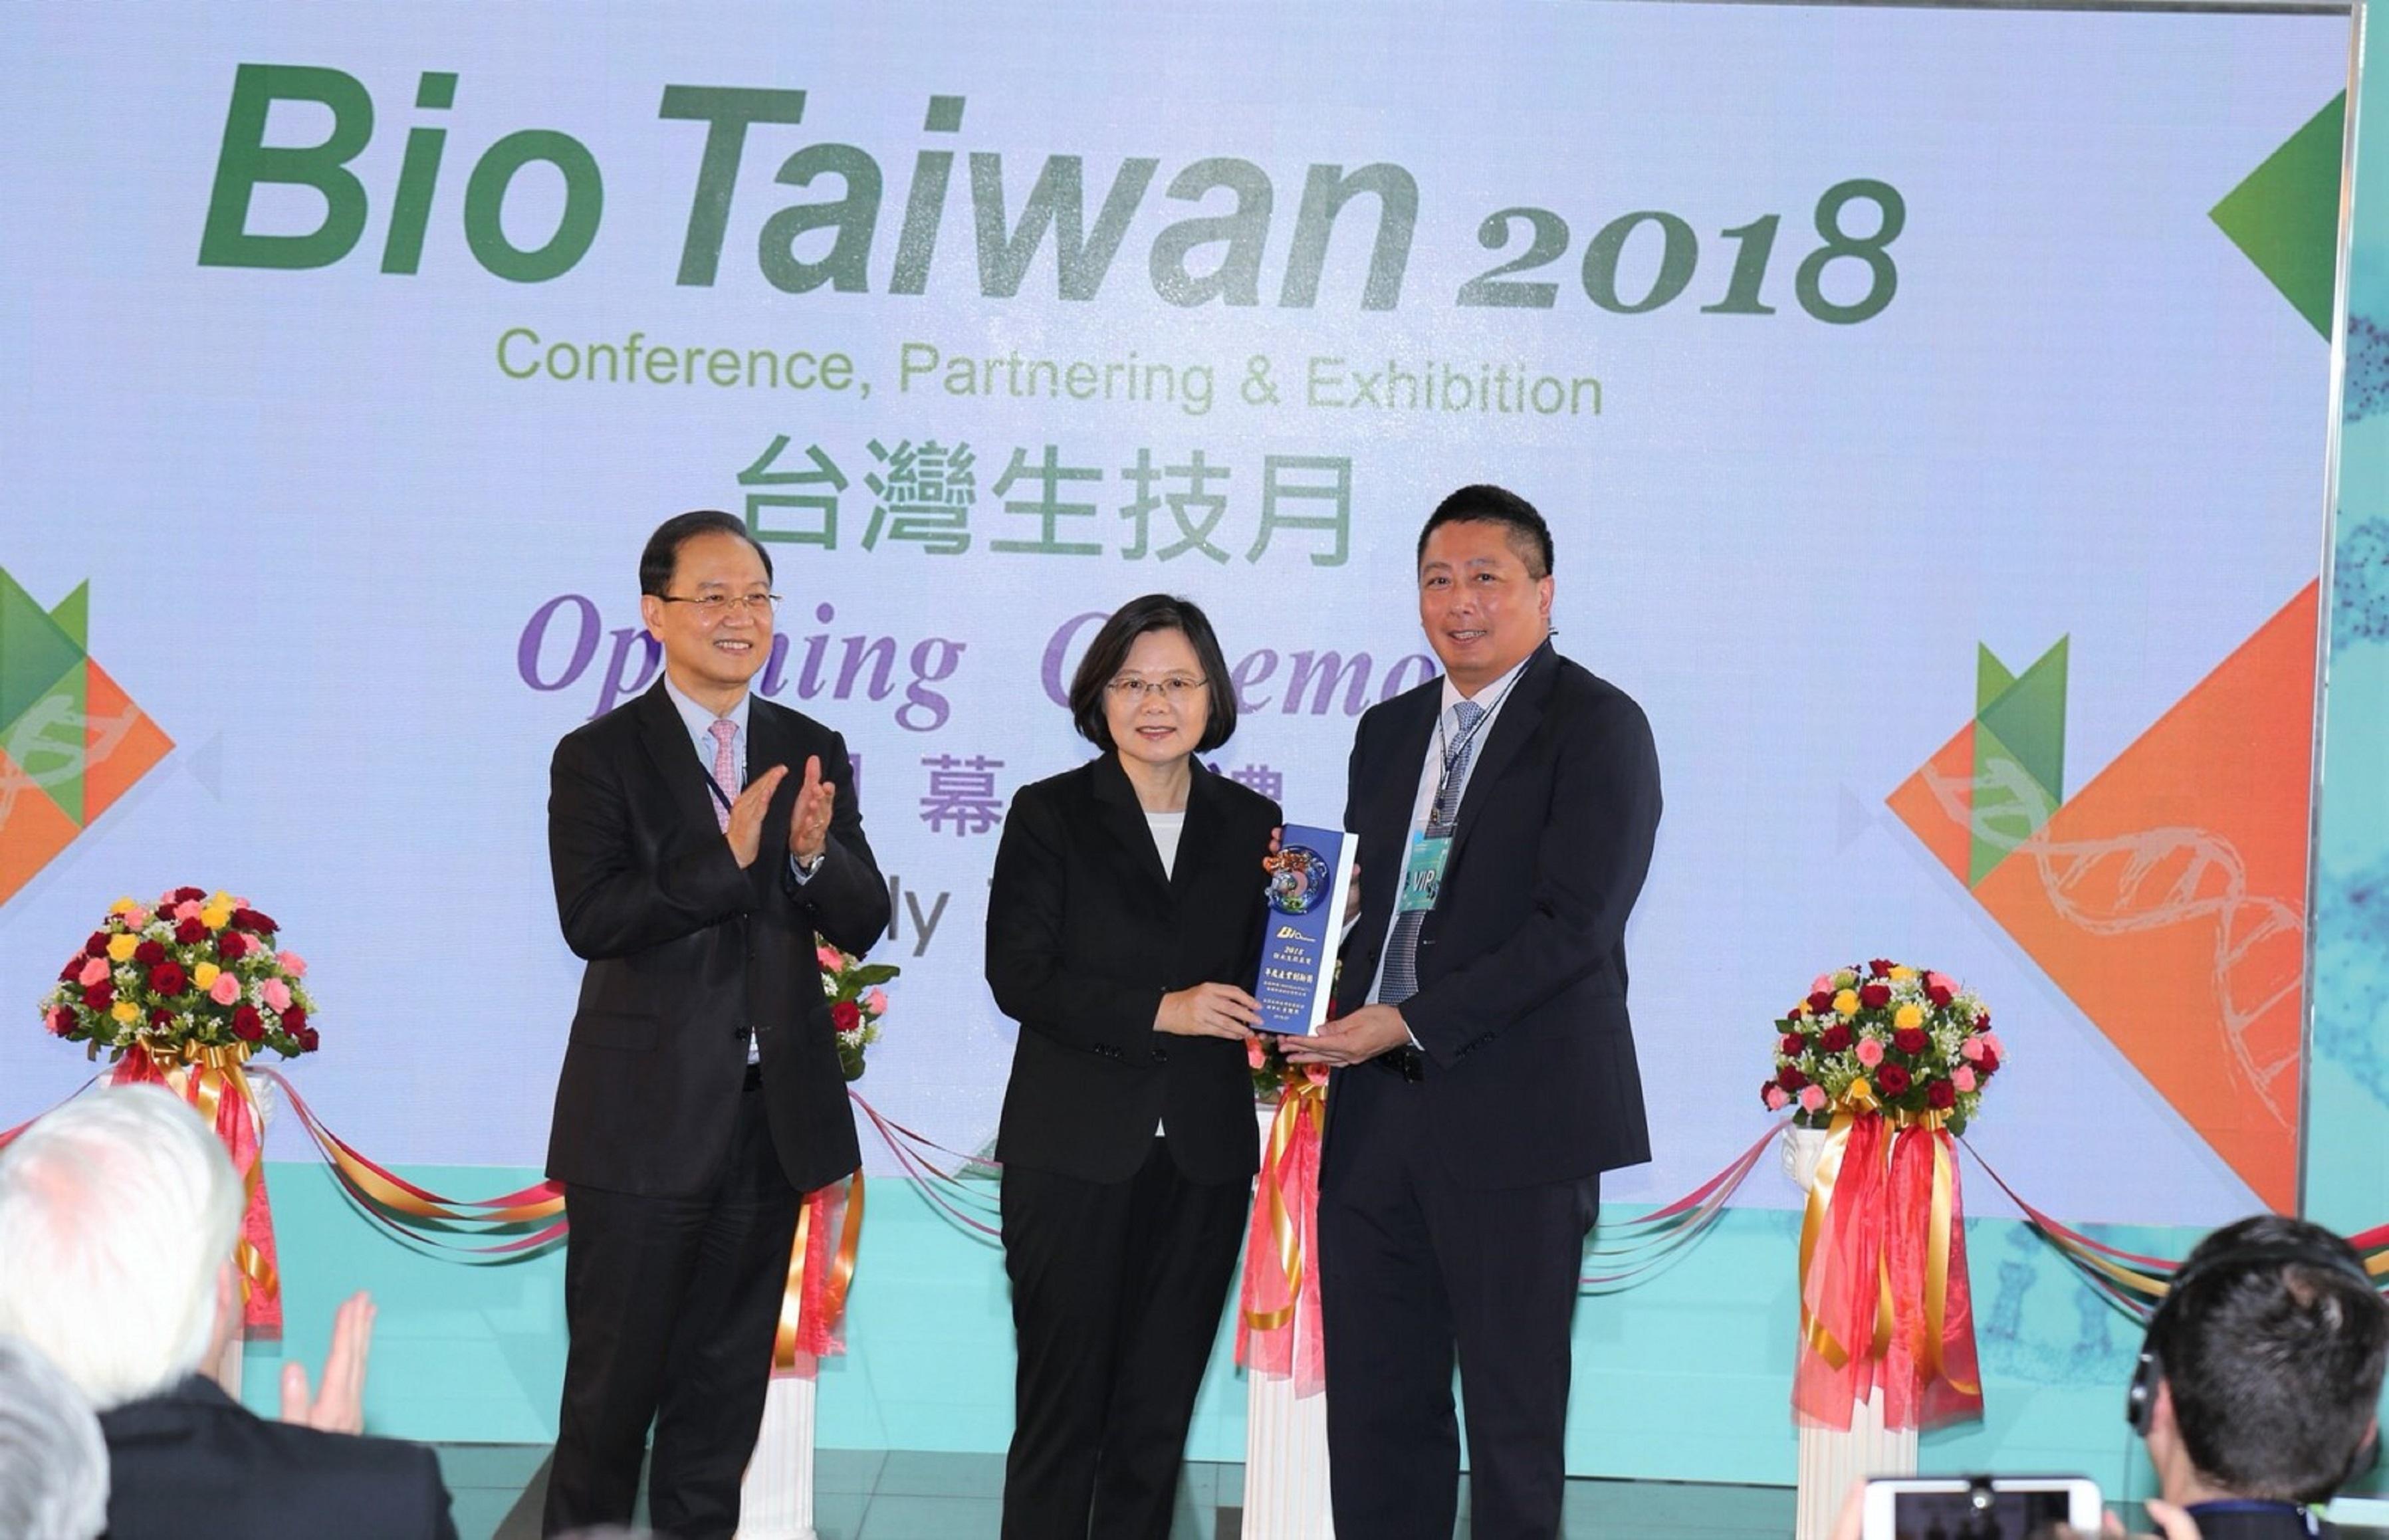 杏國獲獎Bio Taiwan 副董事長與蔡總統合照